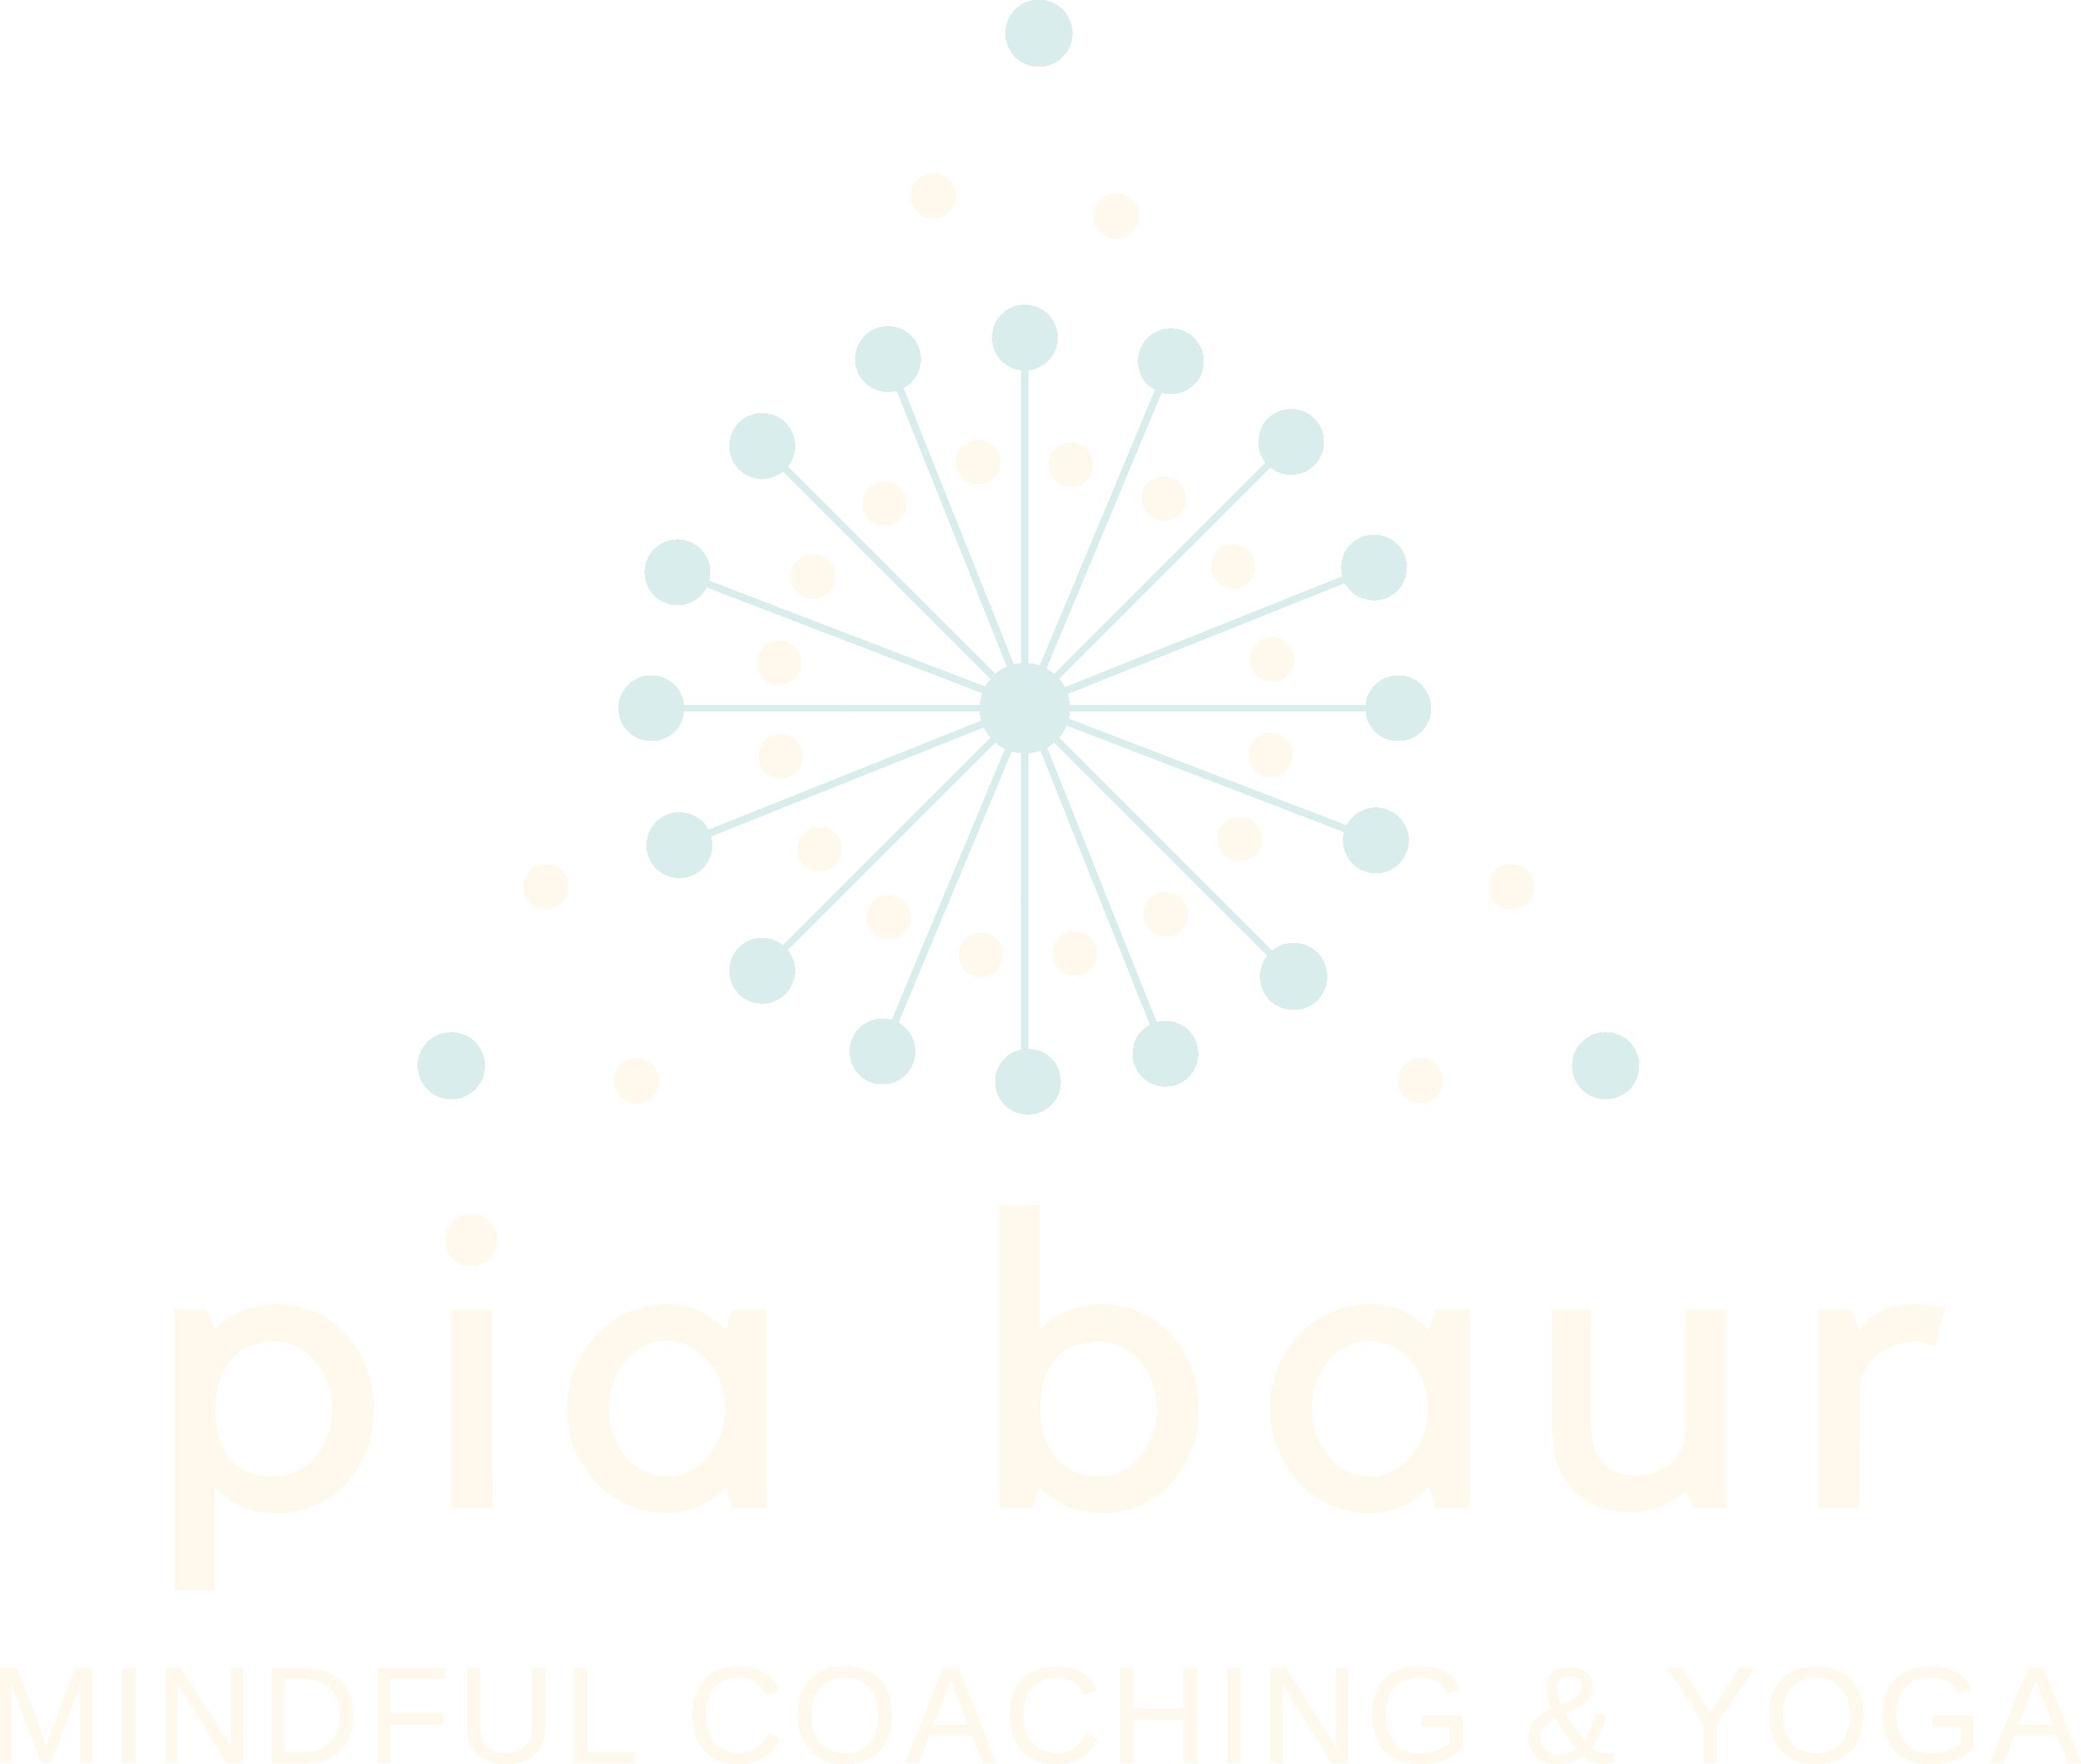 Ich biete Lifecoaching, Mindsetcoaching zu mehr Gelassenheit, Selbstliebe, persönliche Weiterentwicklung, Erfolg, innere Ruhe. Ich unterrichte Yoga, Yogaunterricht, Meditationslehre, Businessyoga, Achtsamkeitslehre, Achtsamkeitsworkshop, Business- Achtsamkeit, Calm your Monkey Mind, Konzentration und Produktivität.